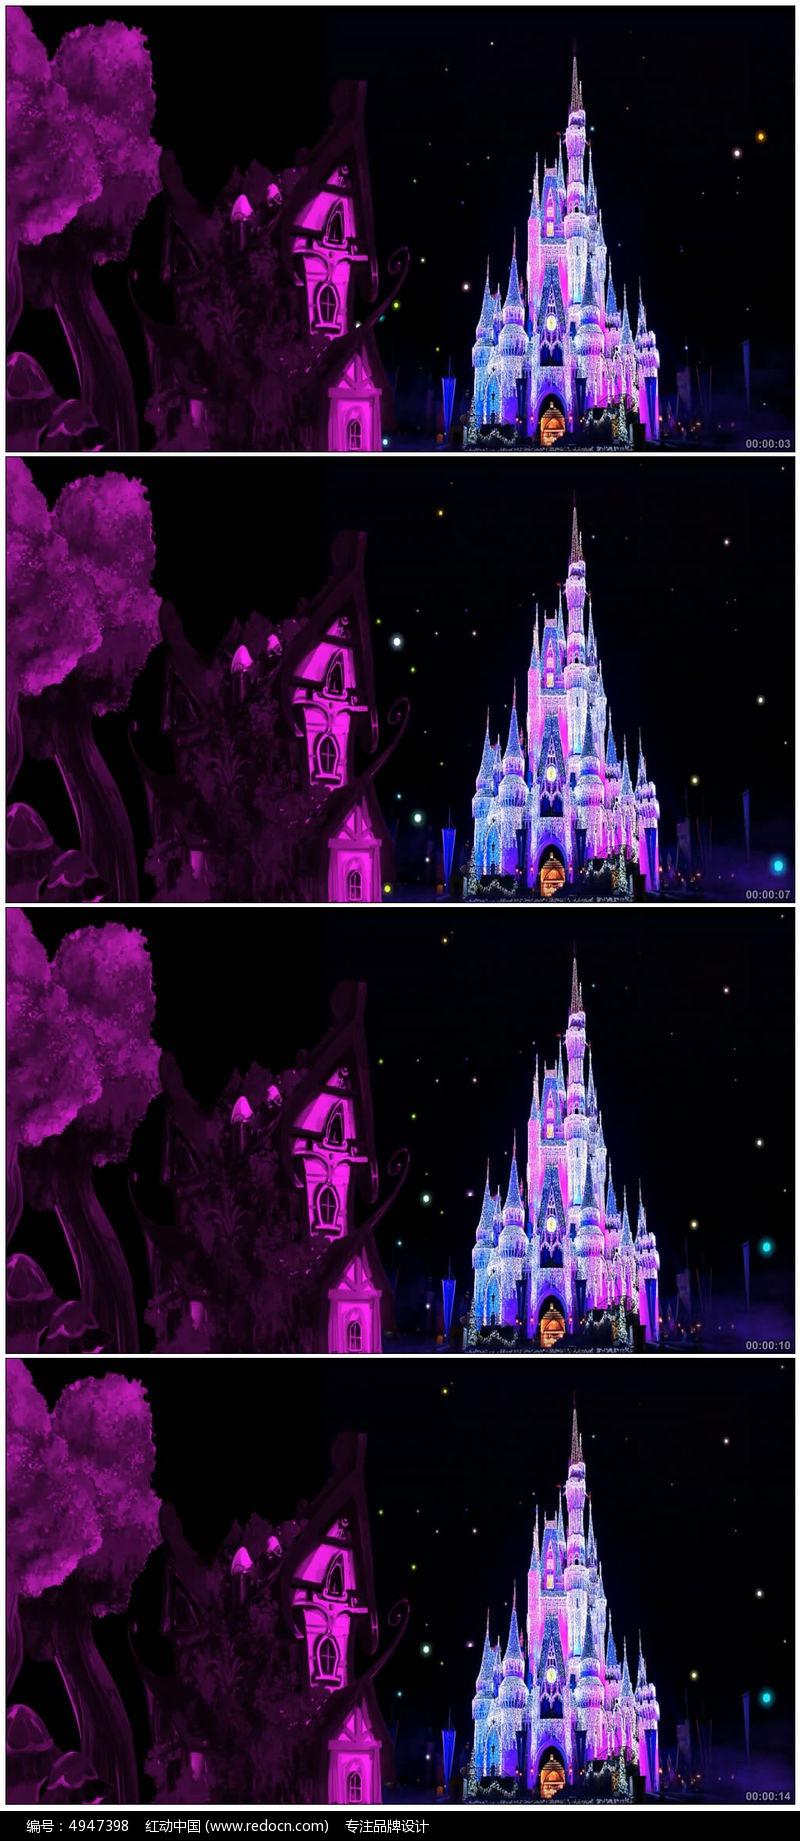 卡通夜光梦幻城堡图片